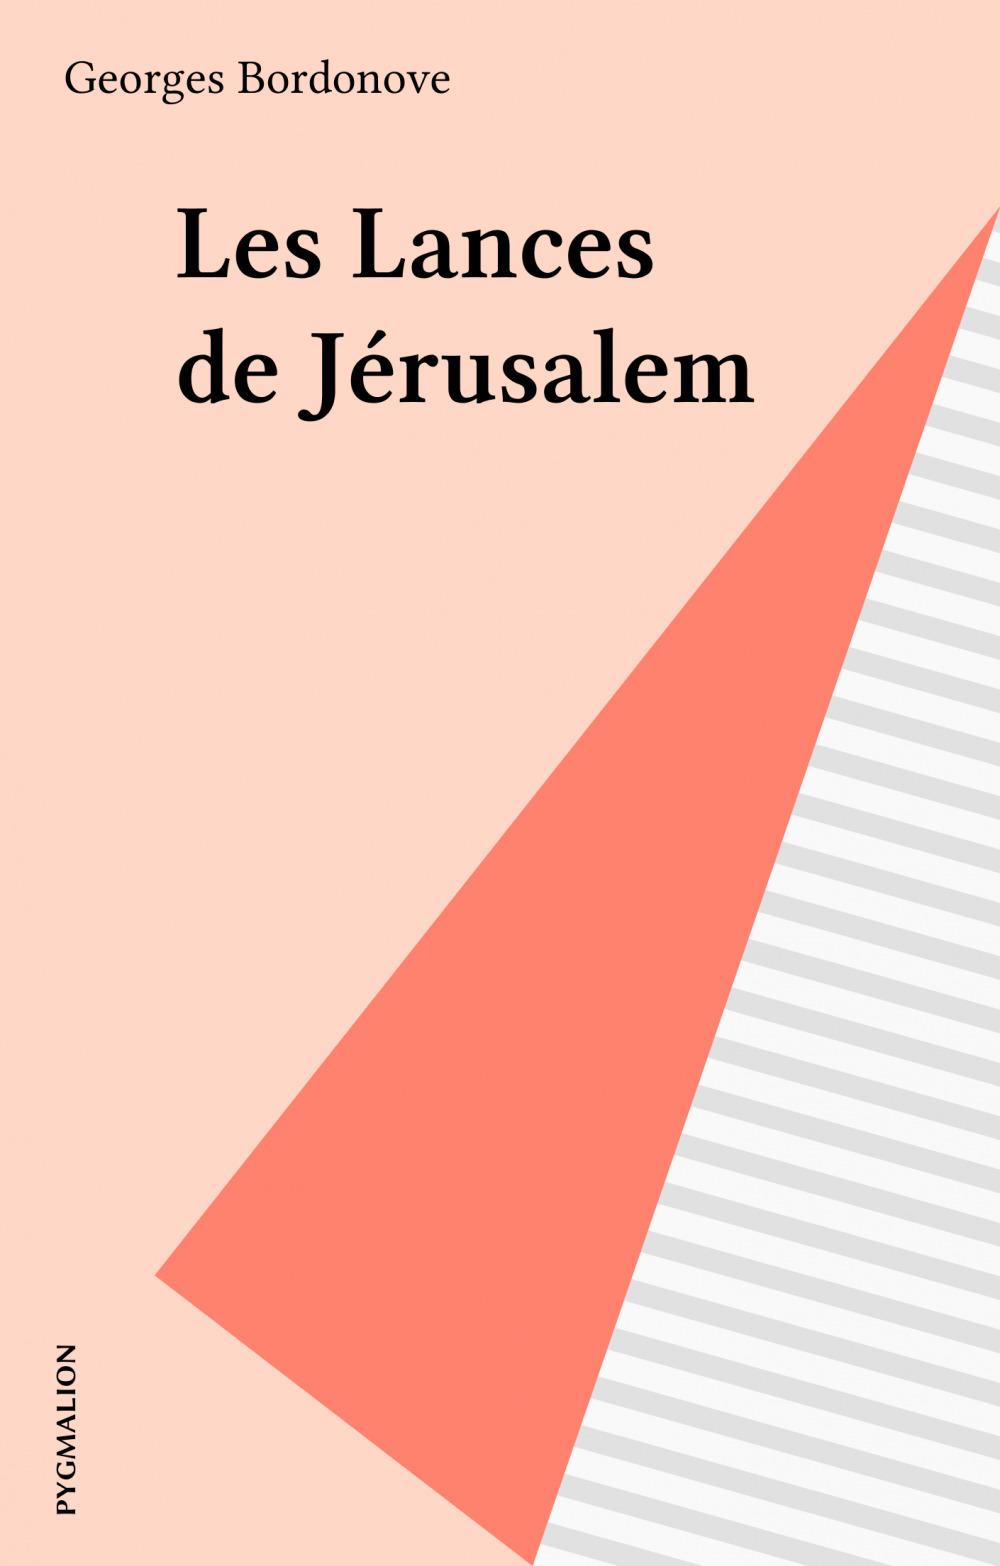 Les Lances de Jérusalem